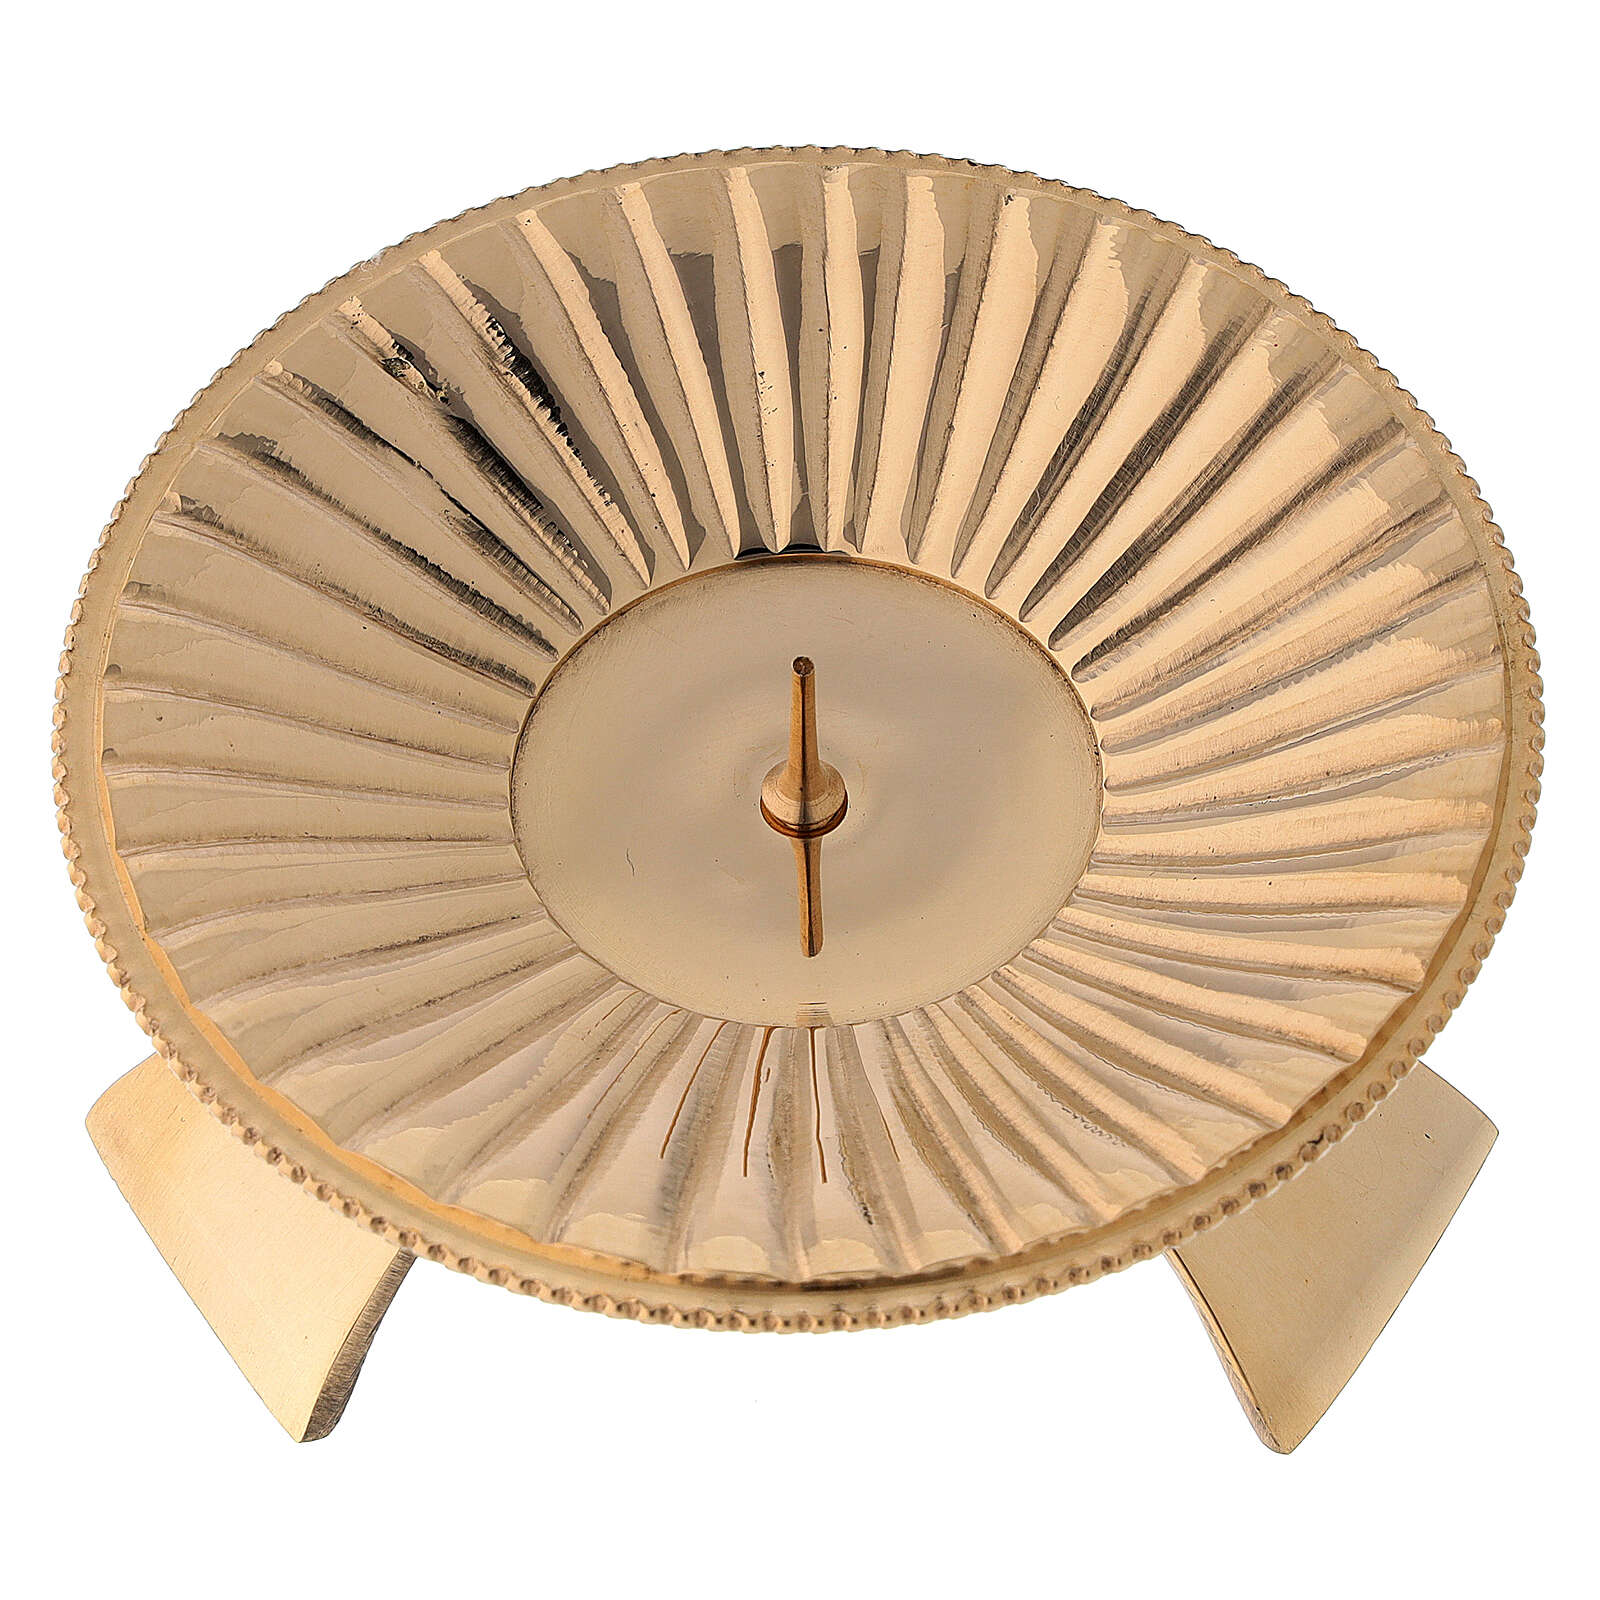 Portacandela ottone lucido dorato decoro a righe 9 cm 4